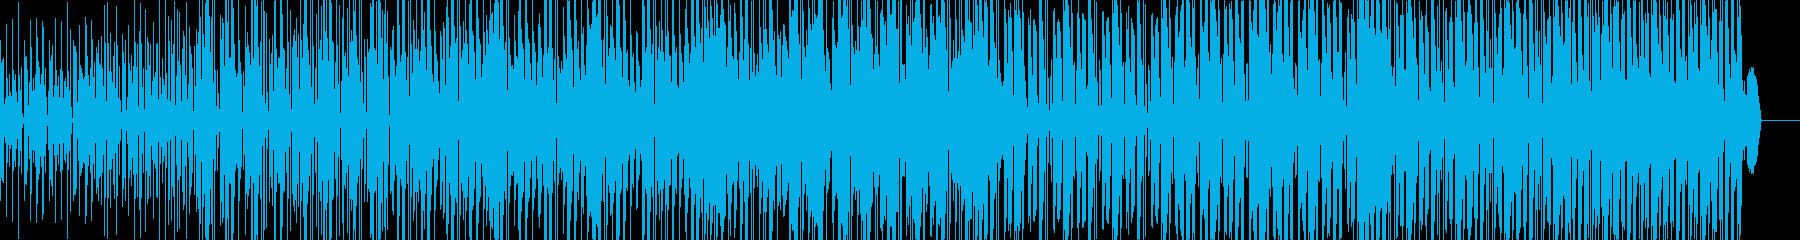 近未来的テクノポップスの再生済みの波形